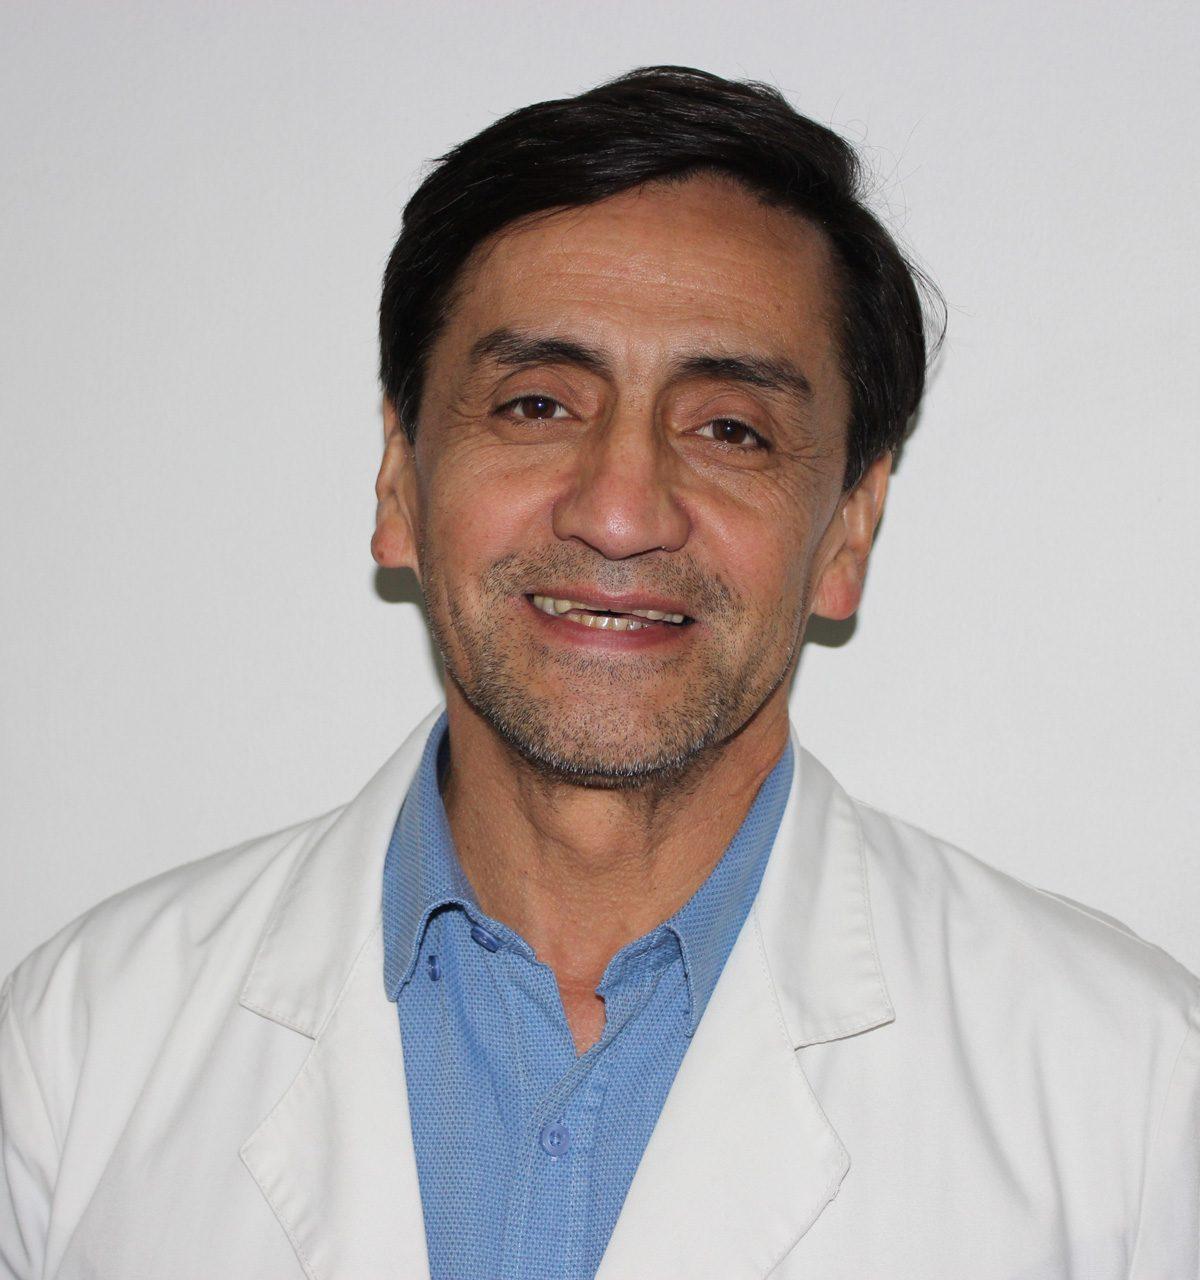 Esteban Gómez Jara